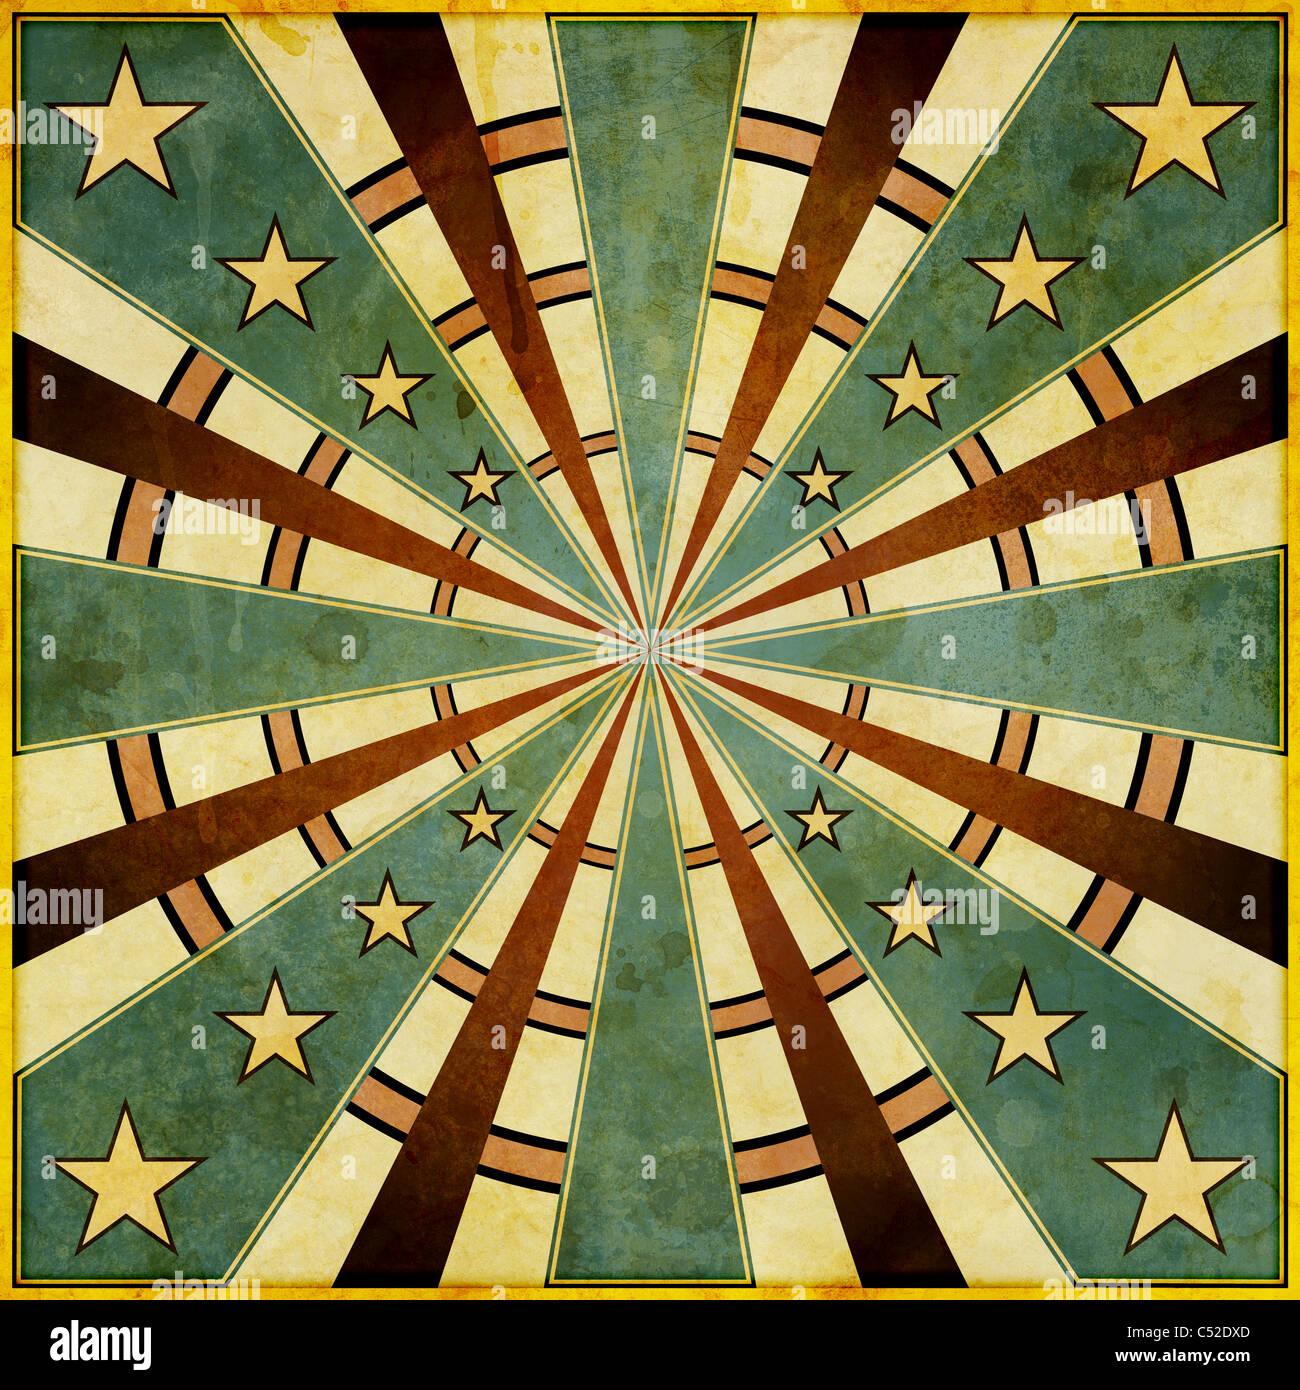 Ein Quadrat, Grunge-Stil, Dartscheibe mag Design-Darstellung. Stockbild